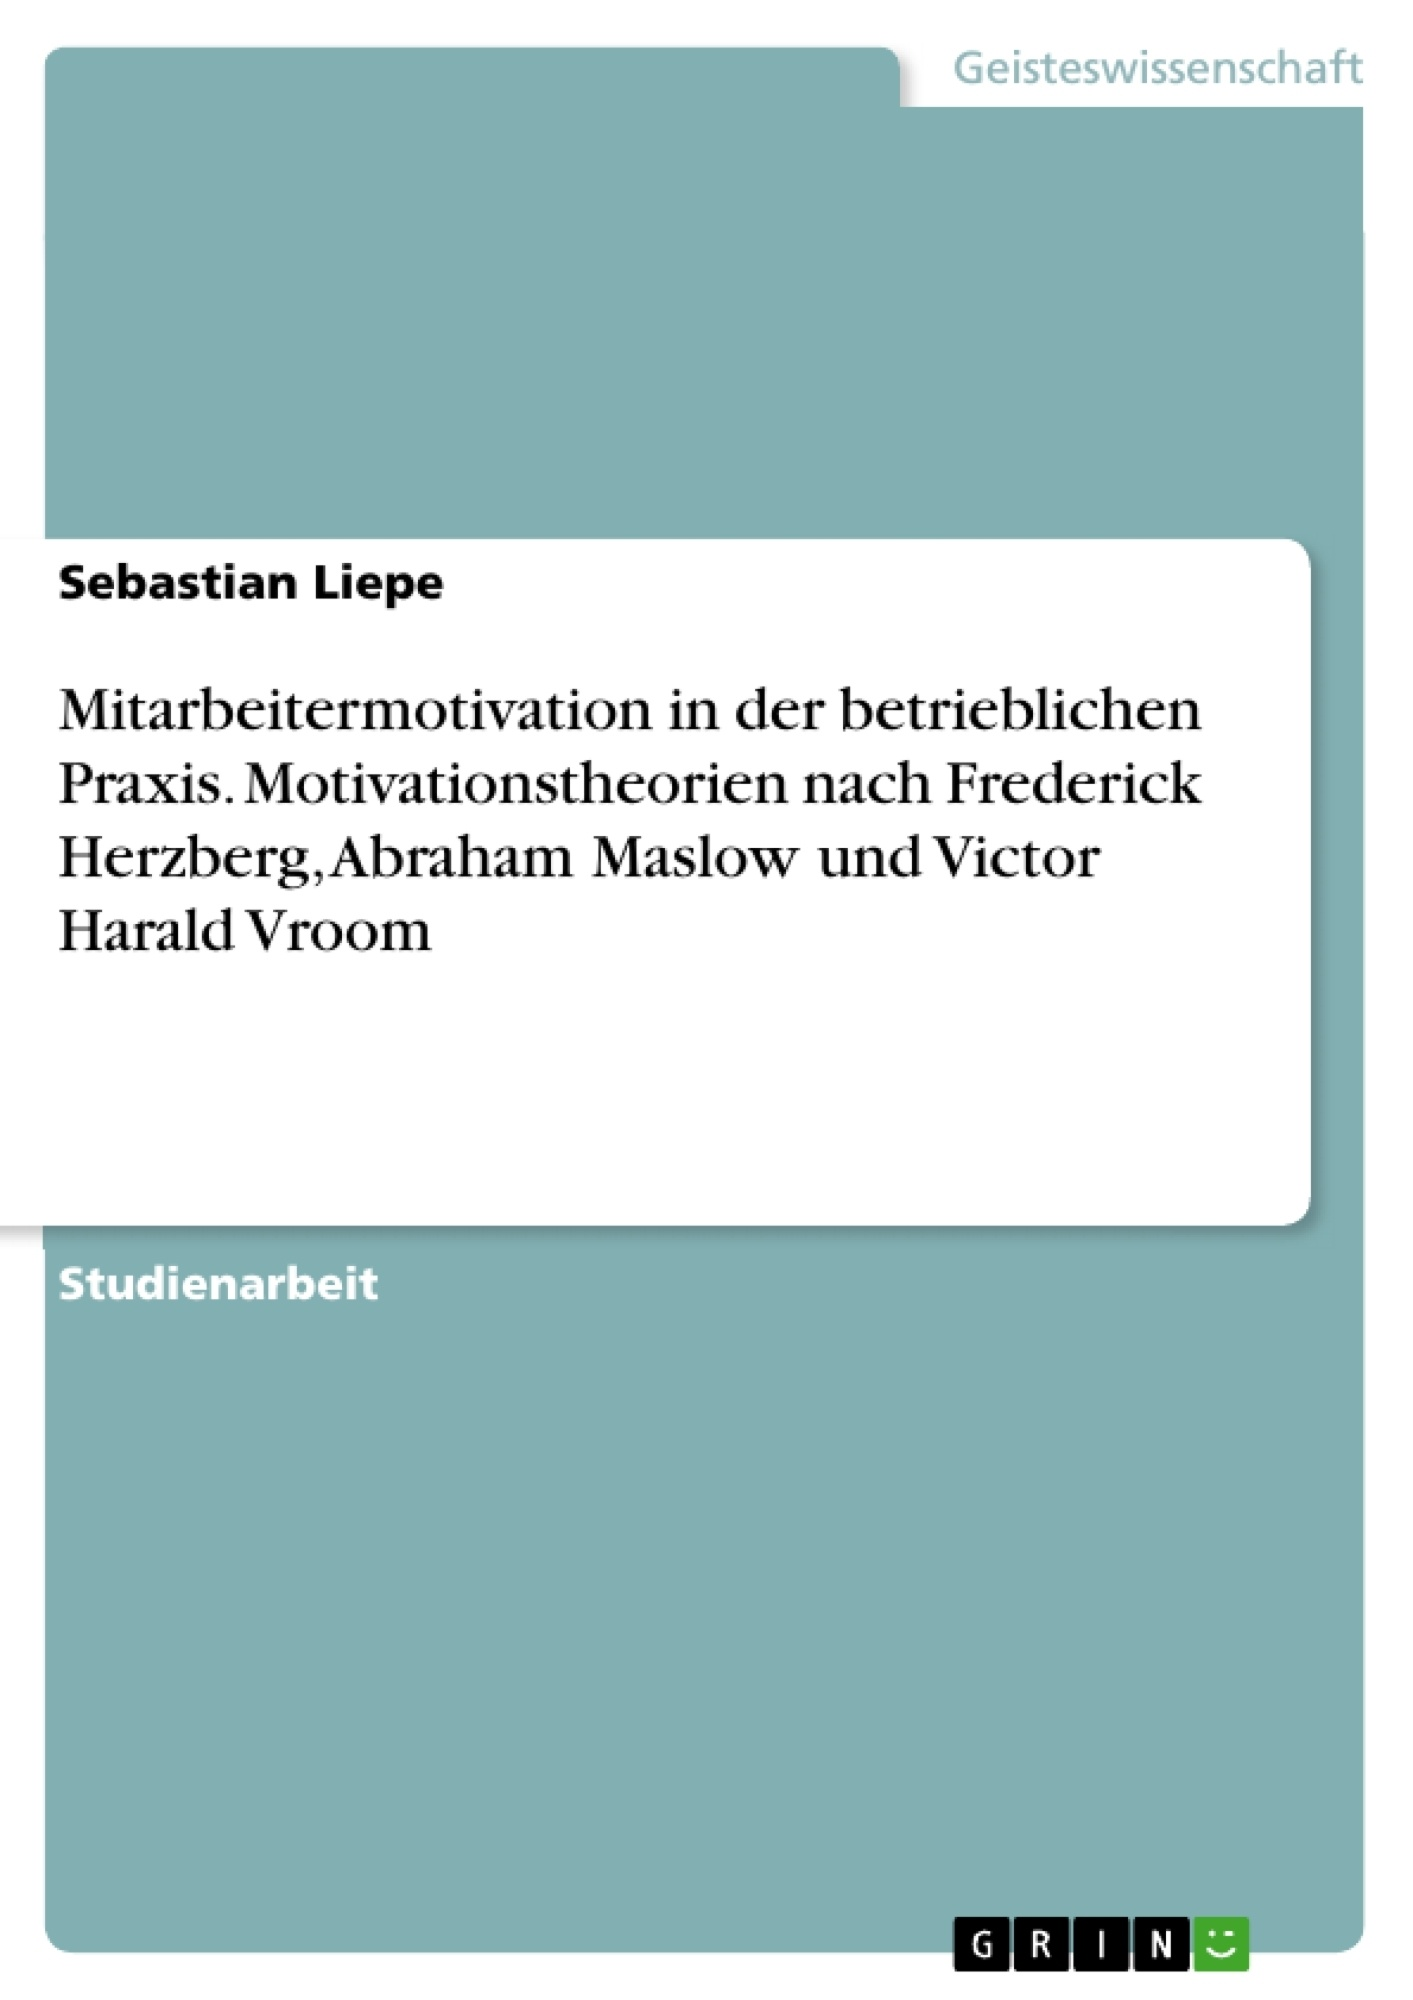 Titel: Mitarbeitermotivation in der betrieblichen Praxis. Motivationstheorien nach Frederick Herzberg, Abraham Maslow und Victor Harald Vroom